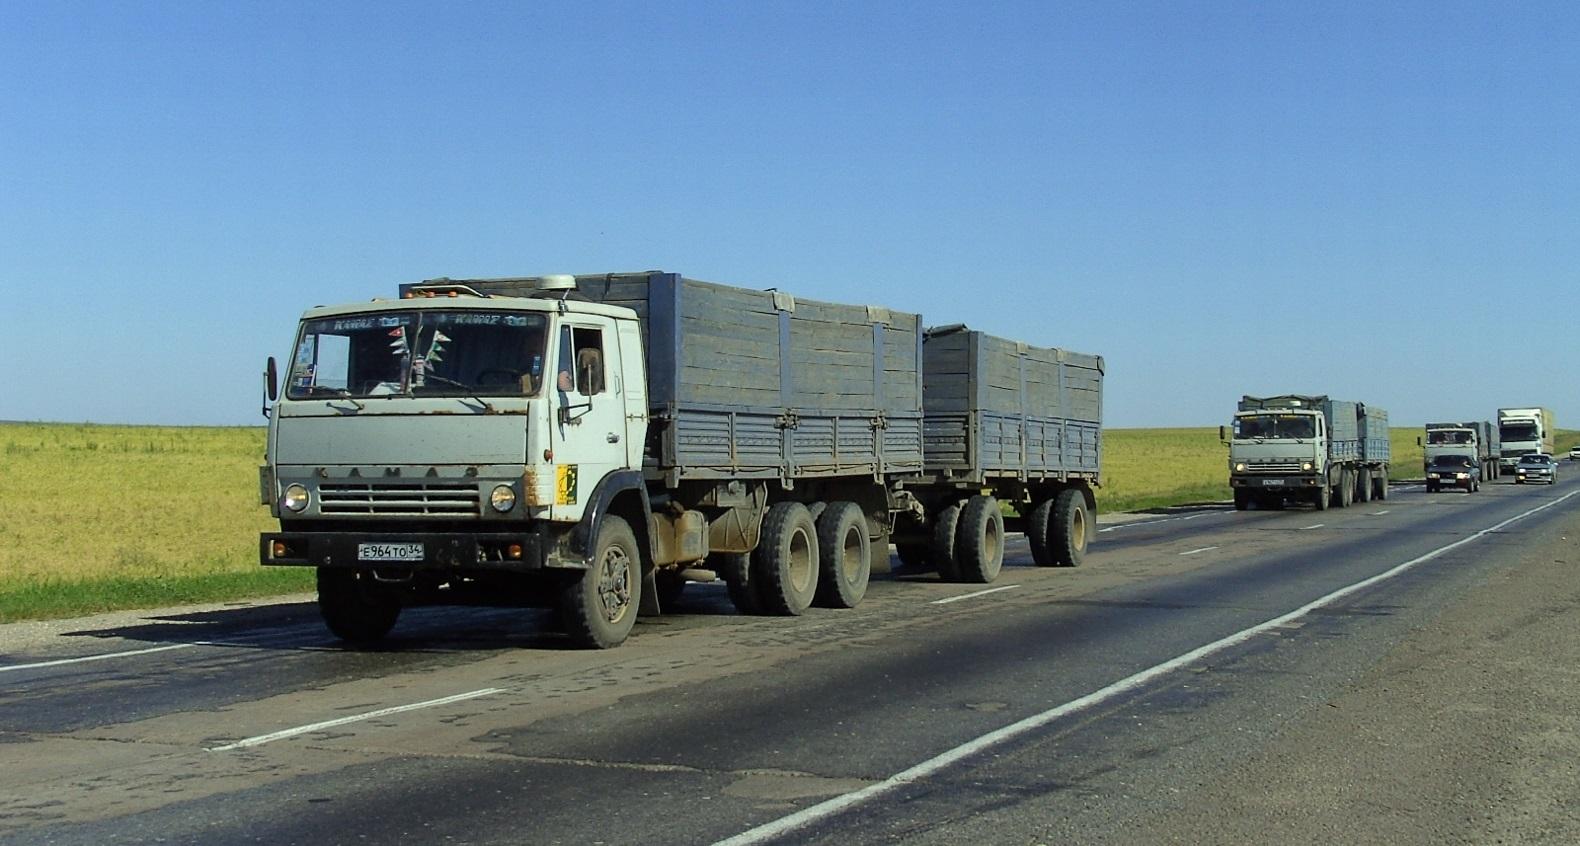 Находящиеся во владении физлиц и ИП 60% всех грузовых автомобилей страны имеют значительную степень изношенности (фото: Wikimedia)